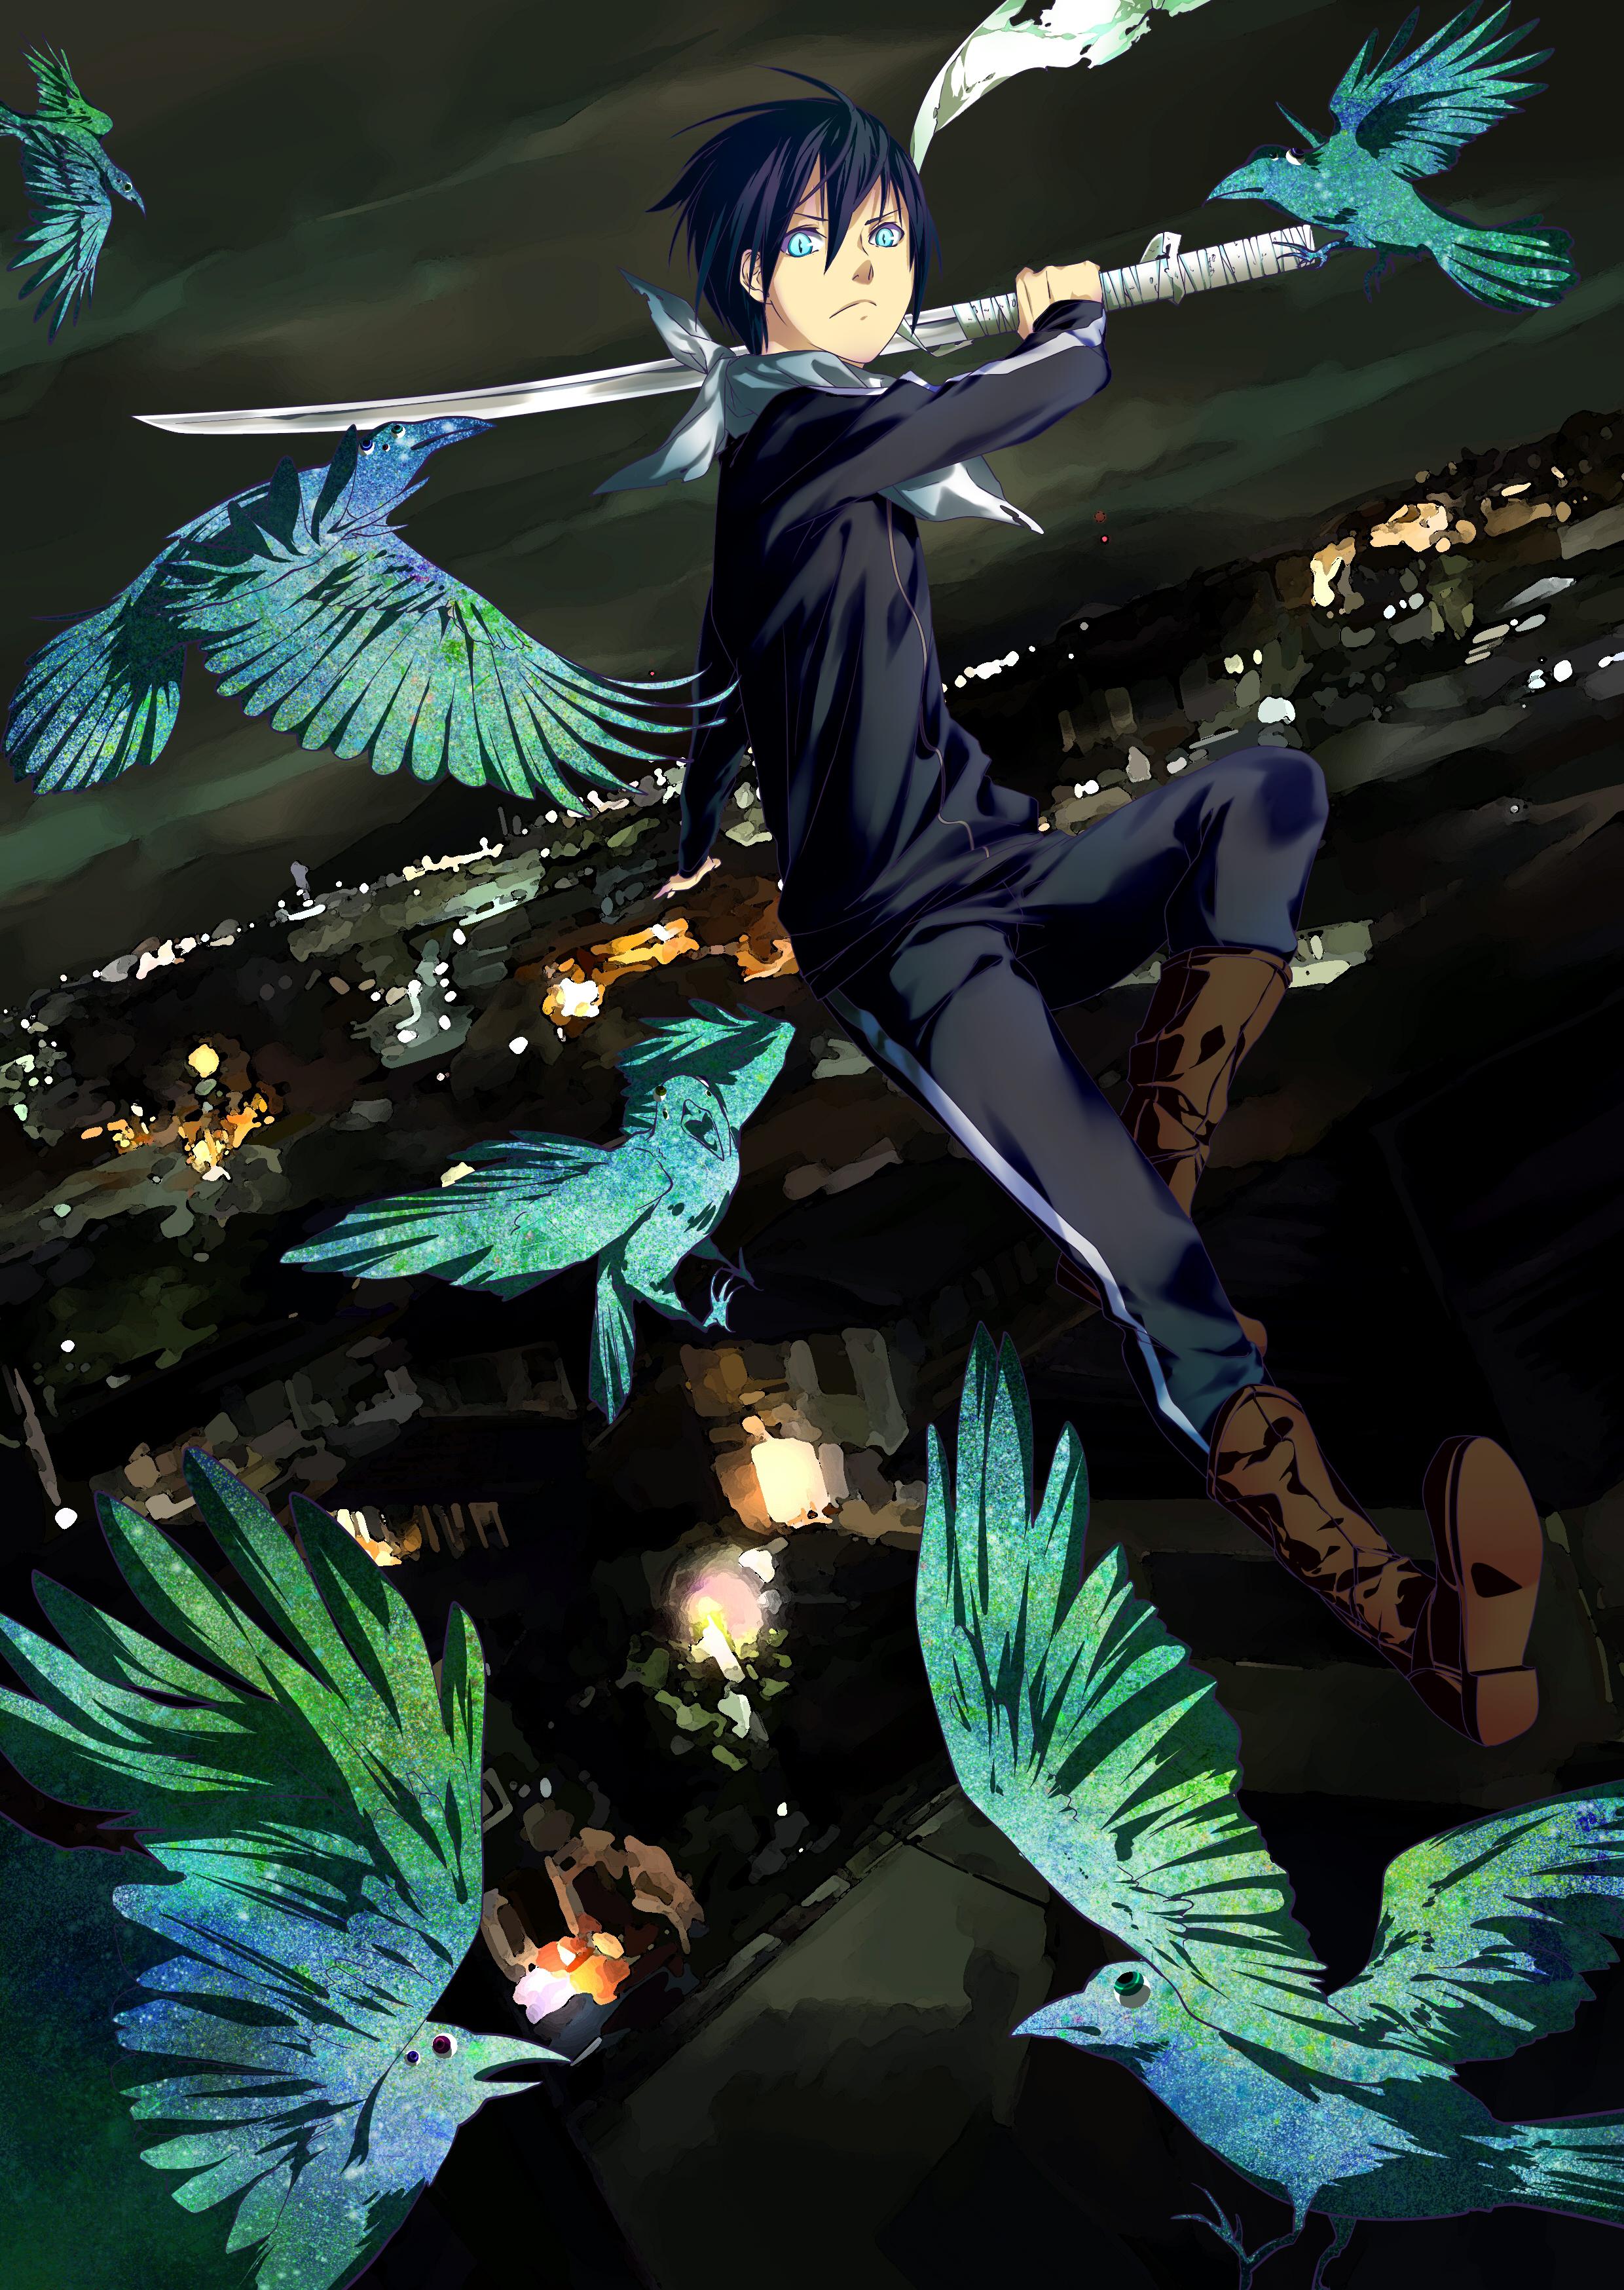 yato noragami a· download yato noragami image